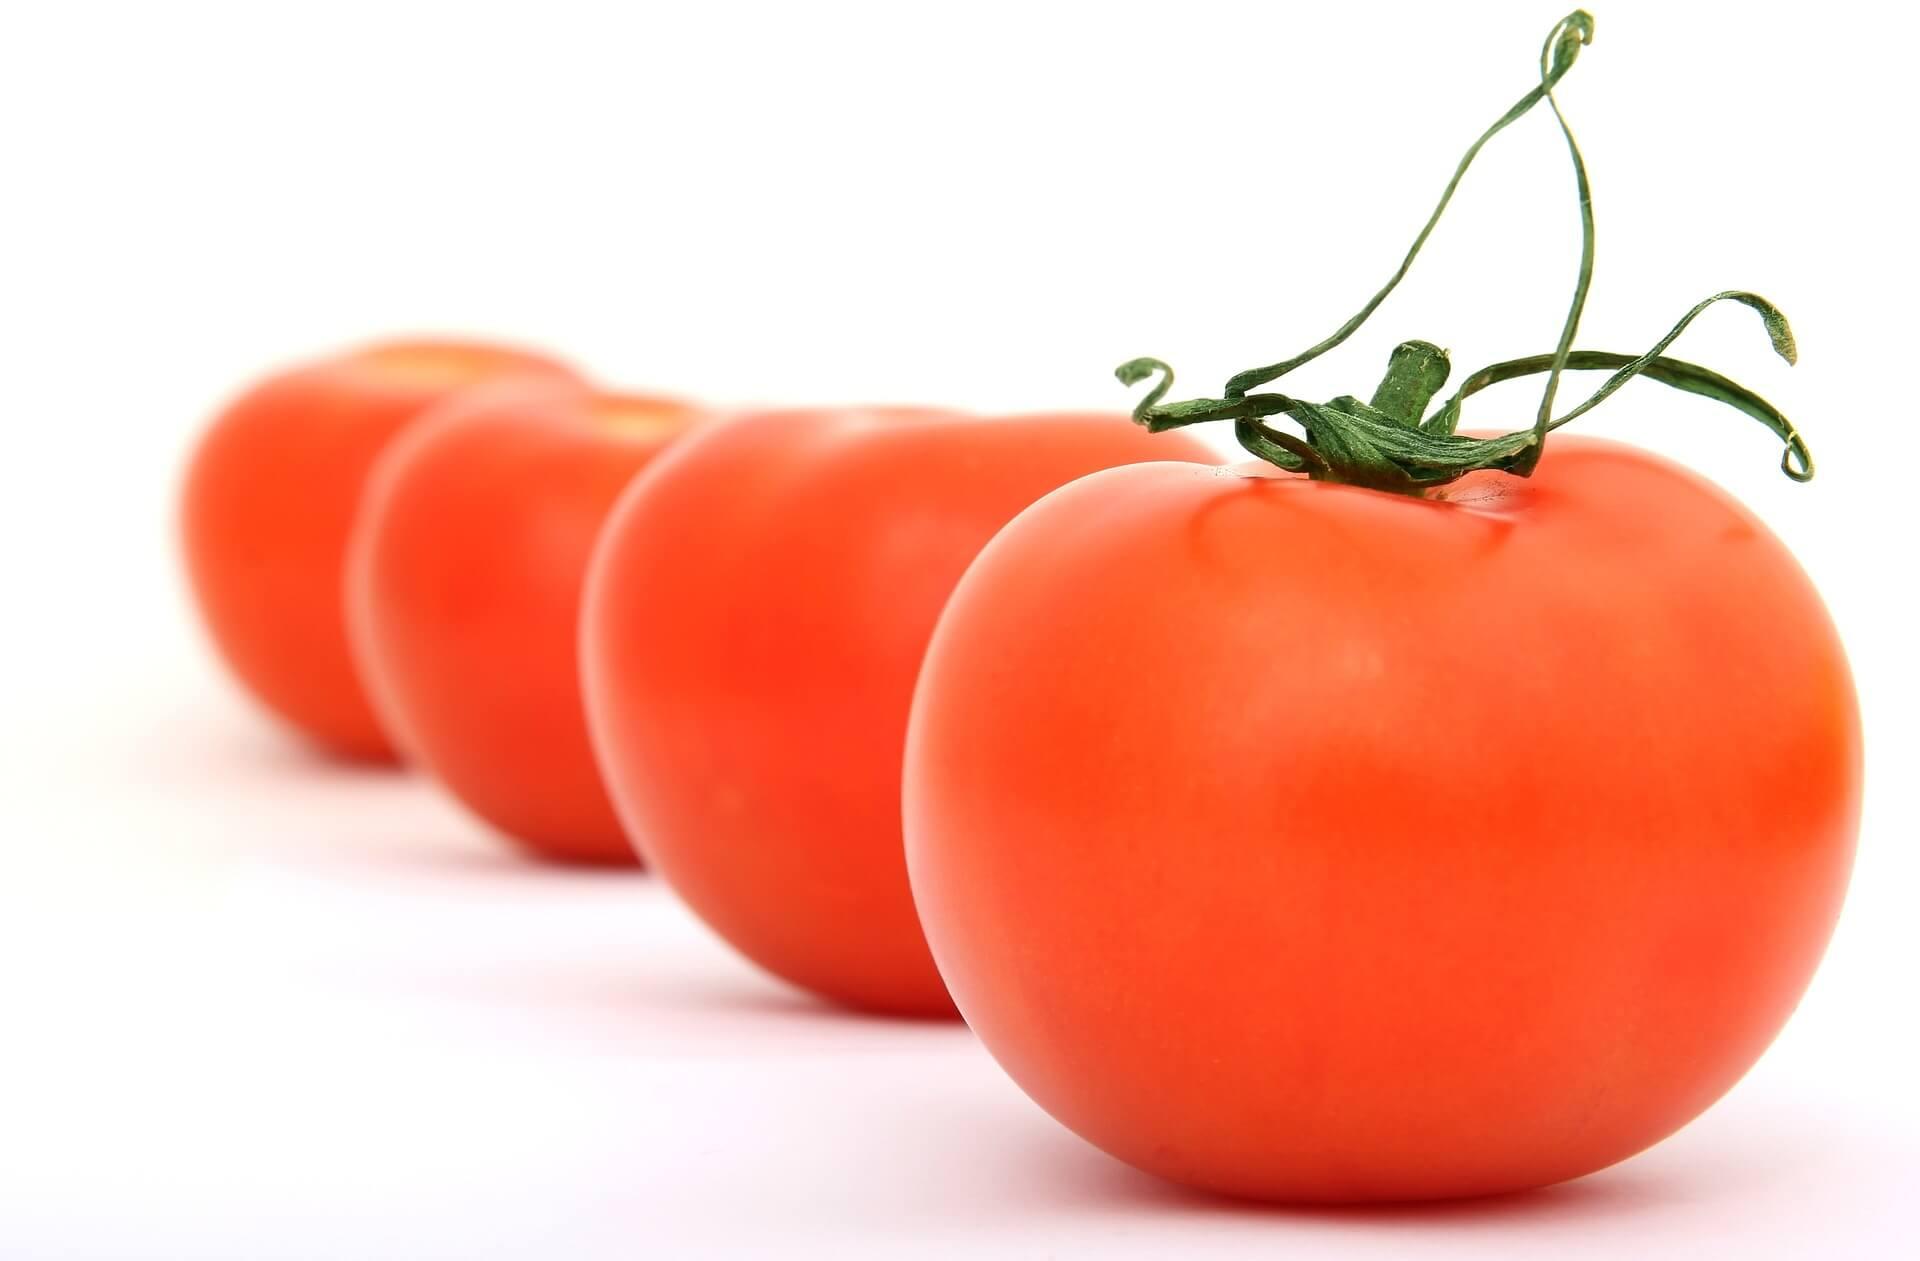 tecnica-del-pomodoro